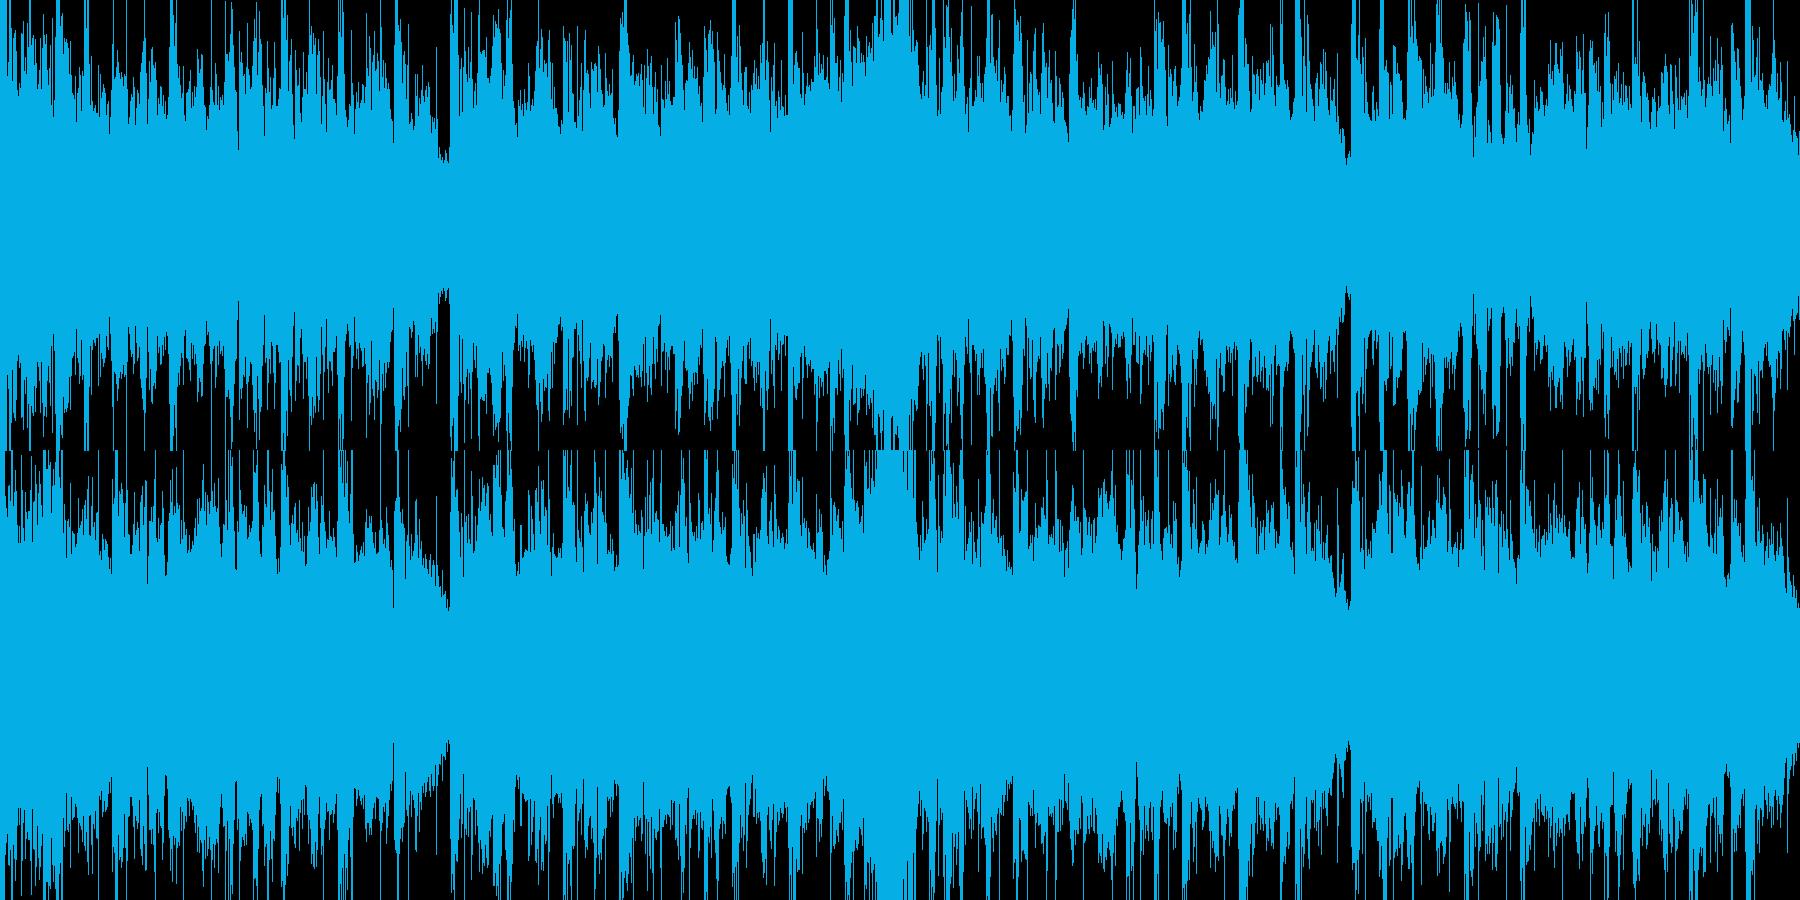 クリスマス風のノリの良い曲の再生済みの波形